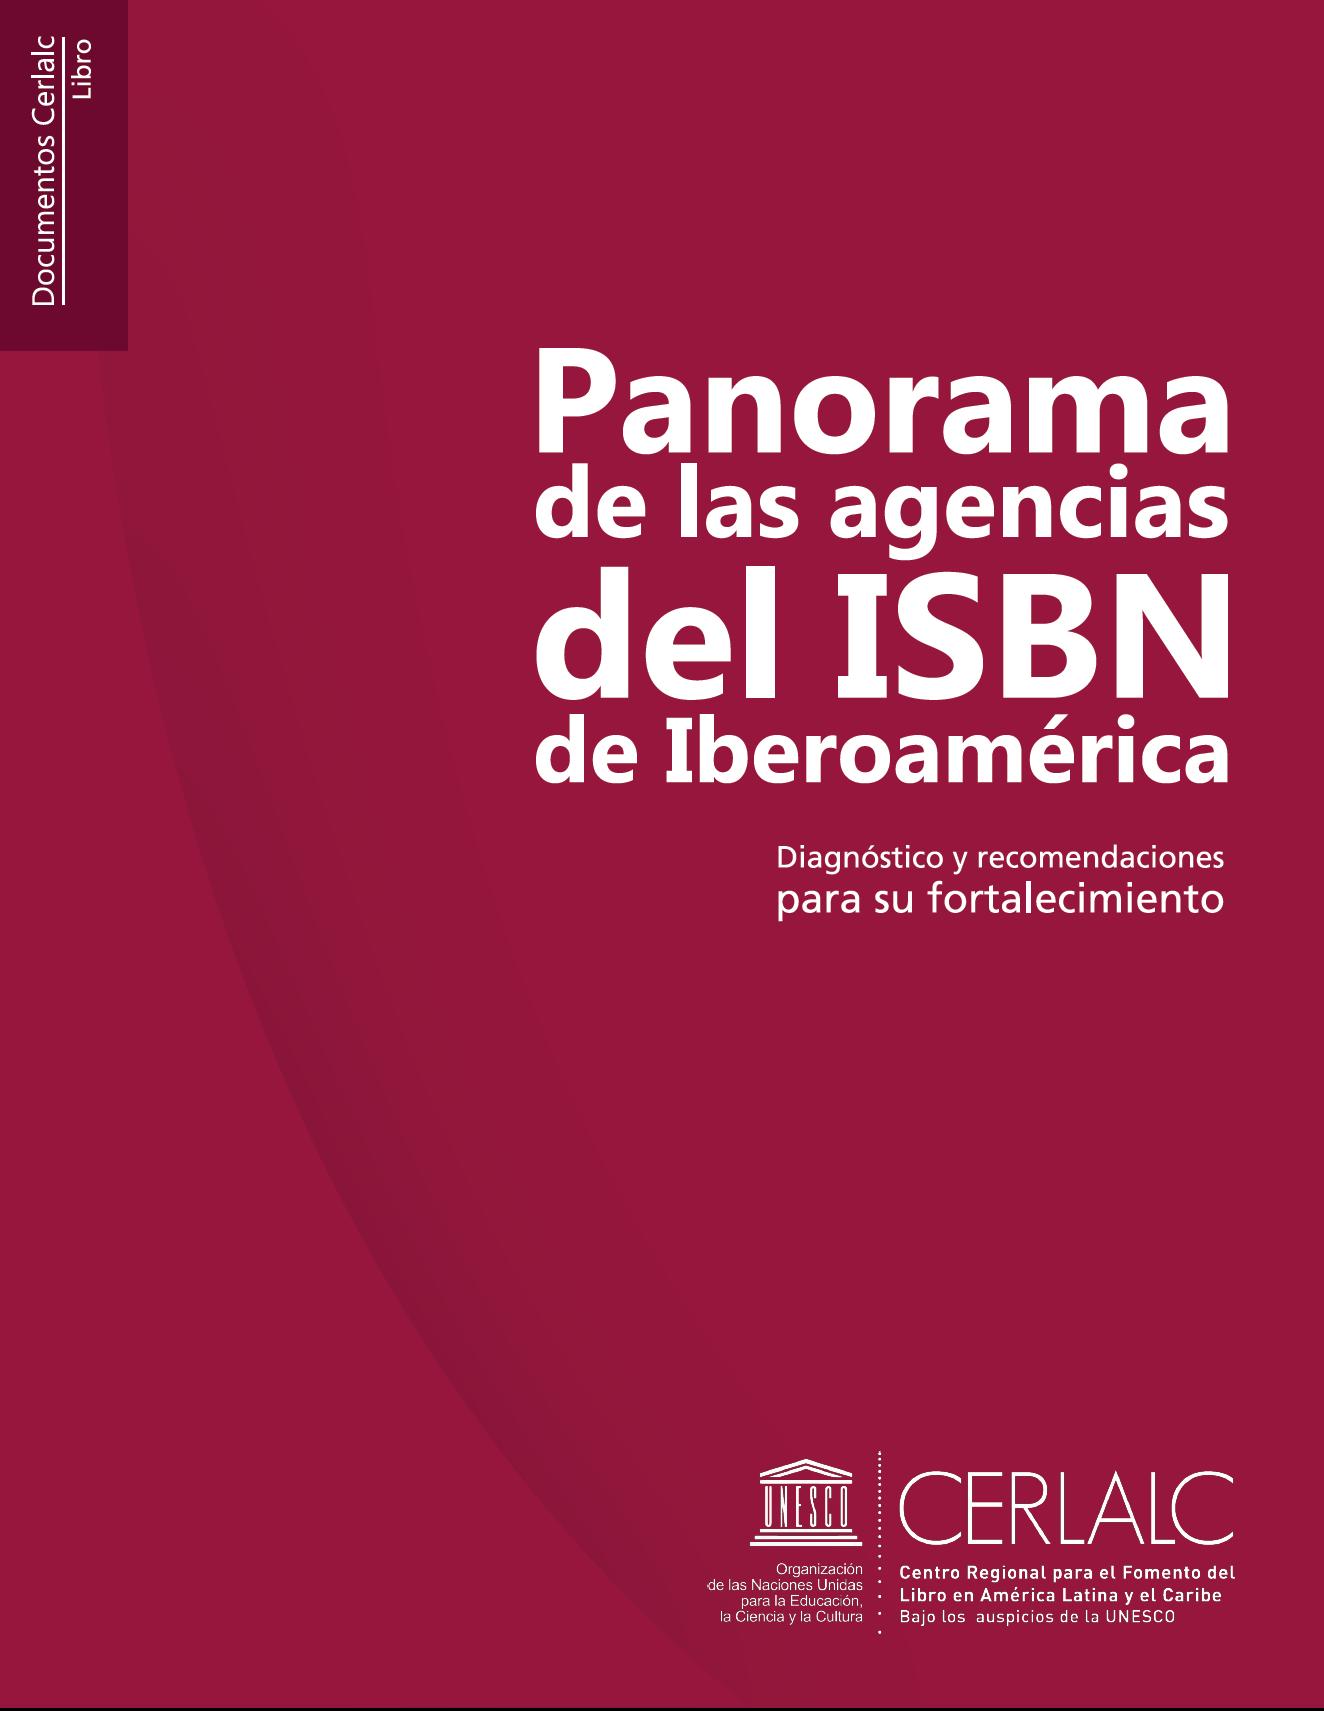 Panorama de las agencias del ISBN de Iberoamérica